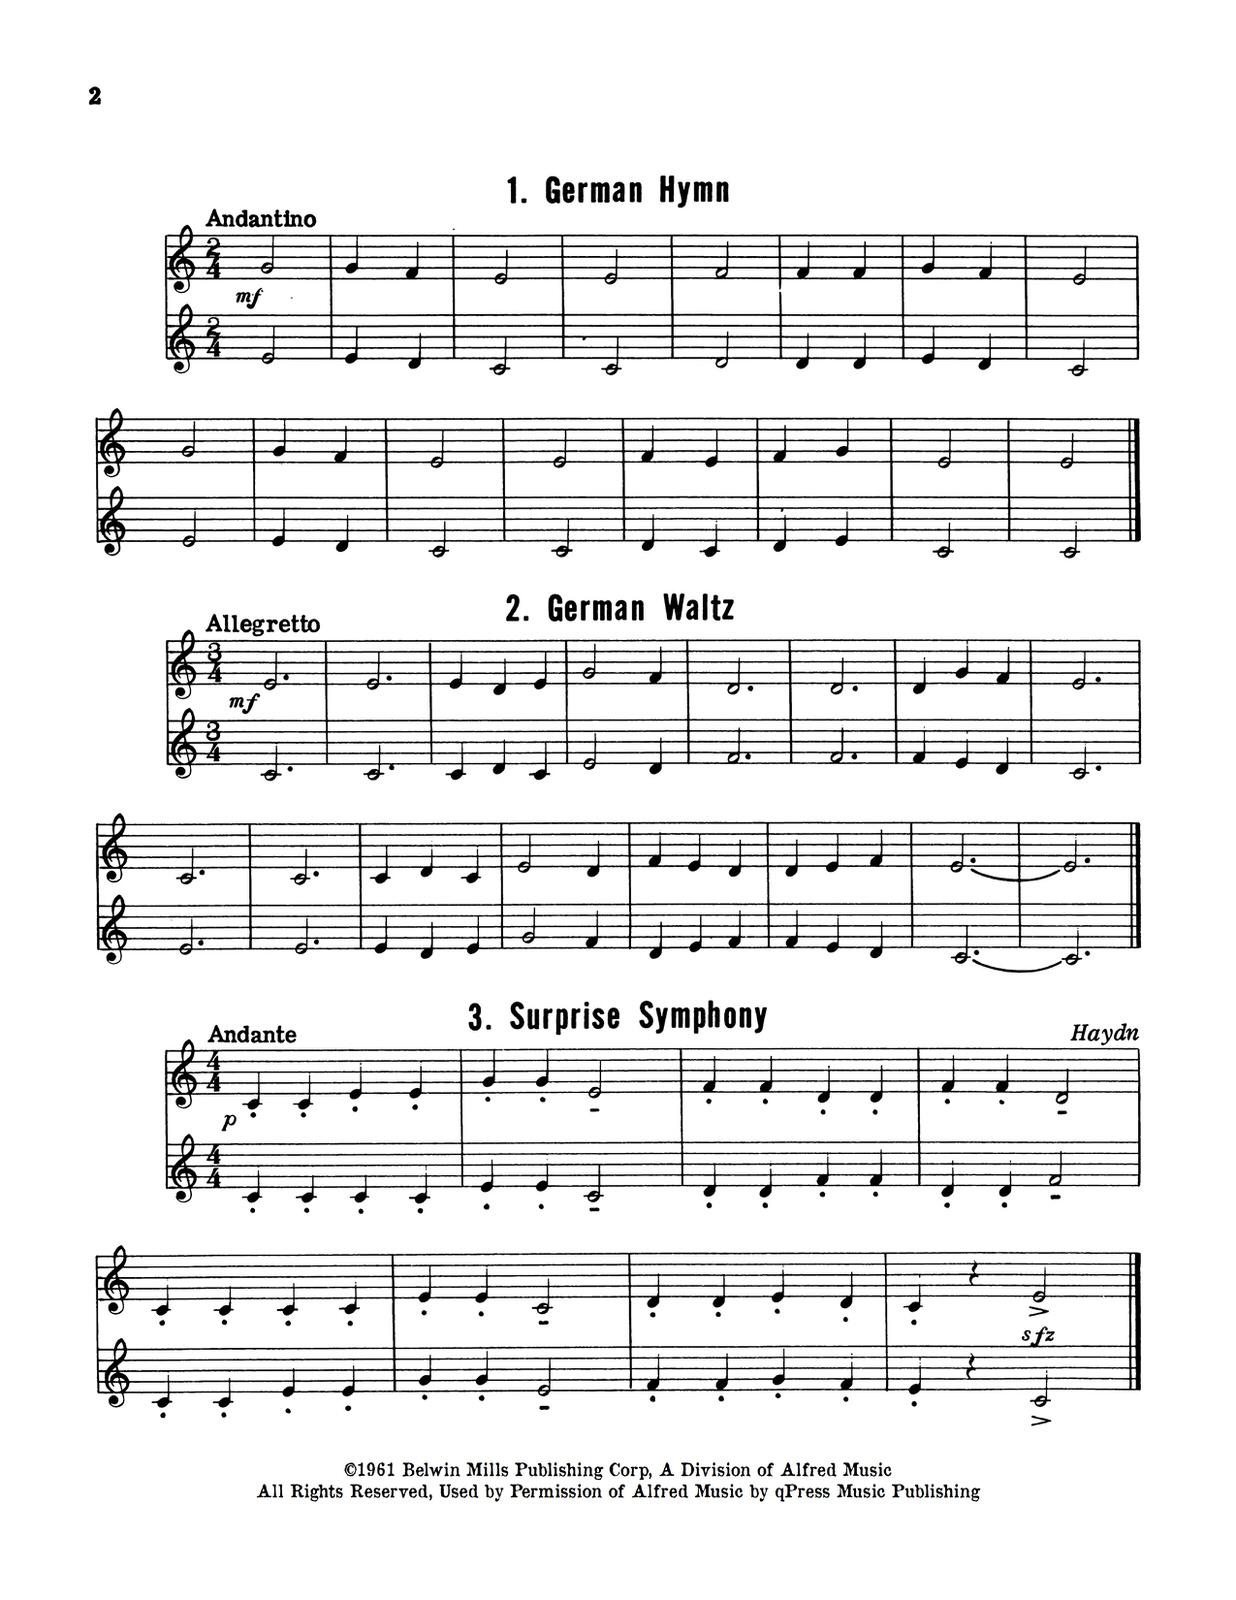 Burgstahler, Elton E, 37 Trumpet Duets-p04